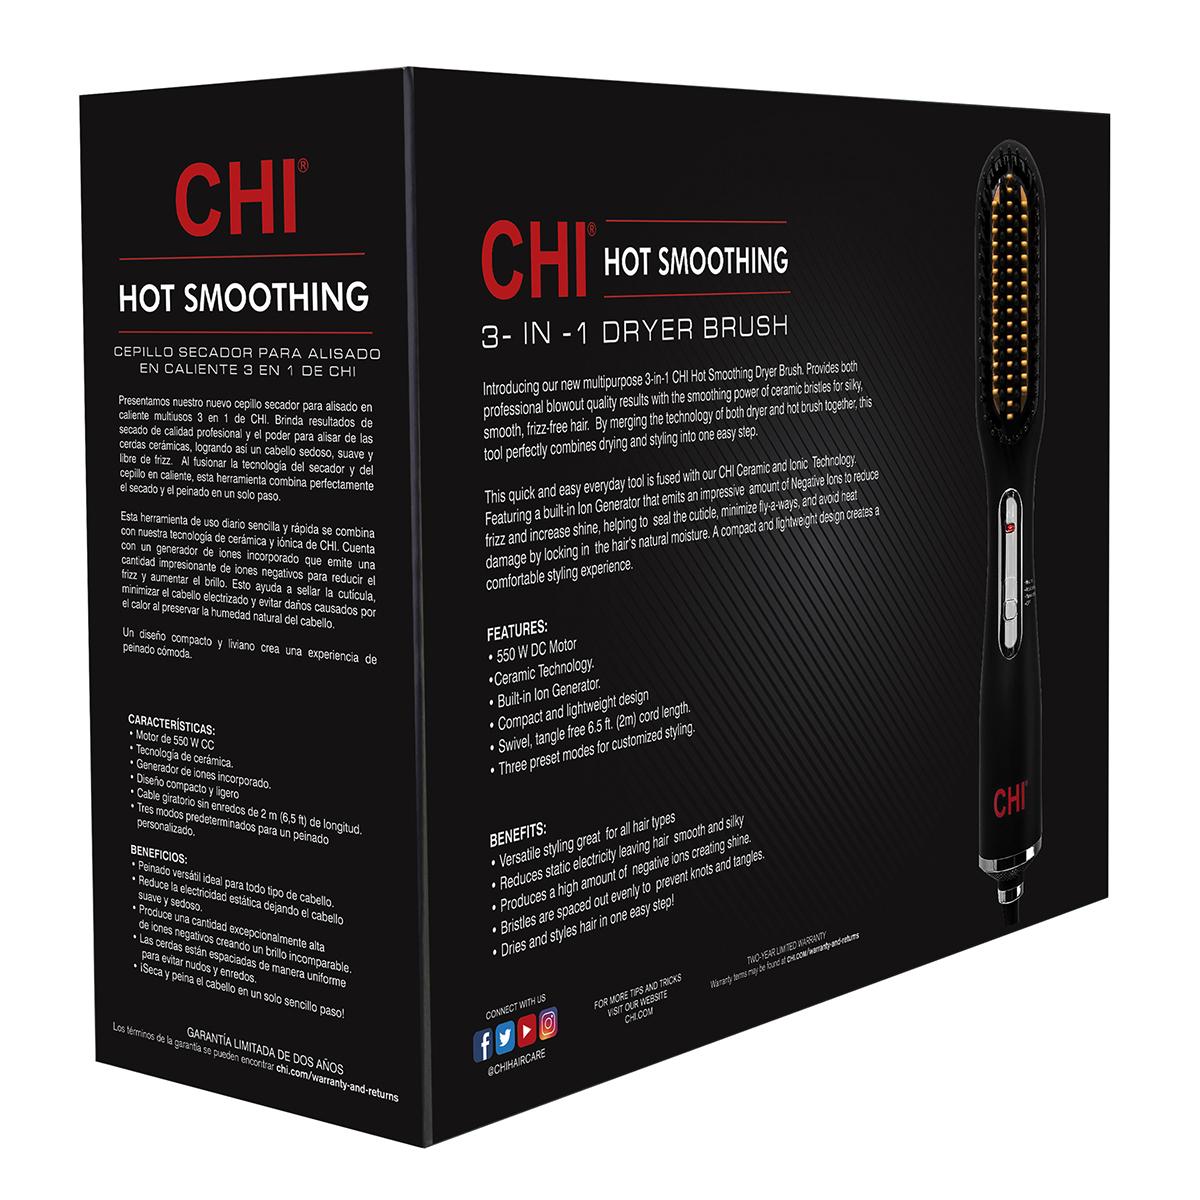 HI Hot smoothing brush - Ion Technology